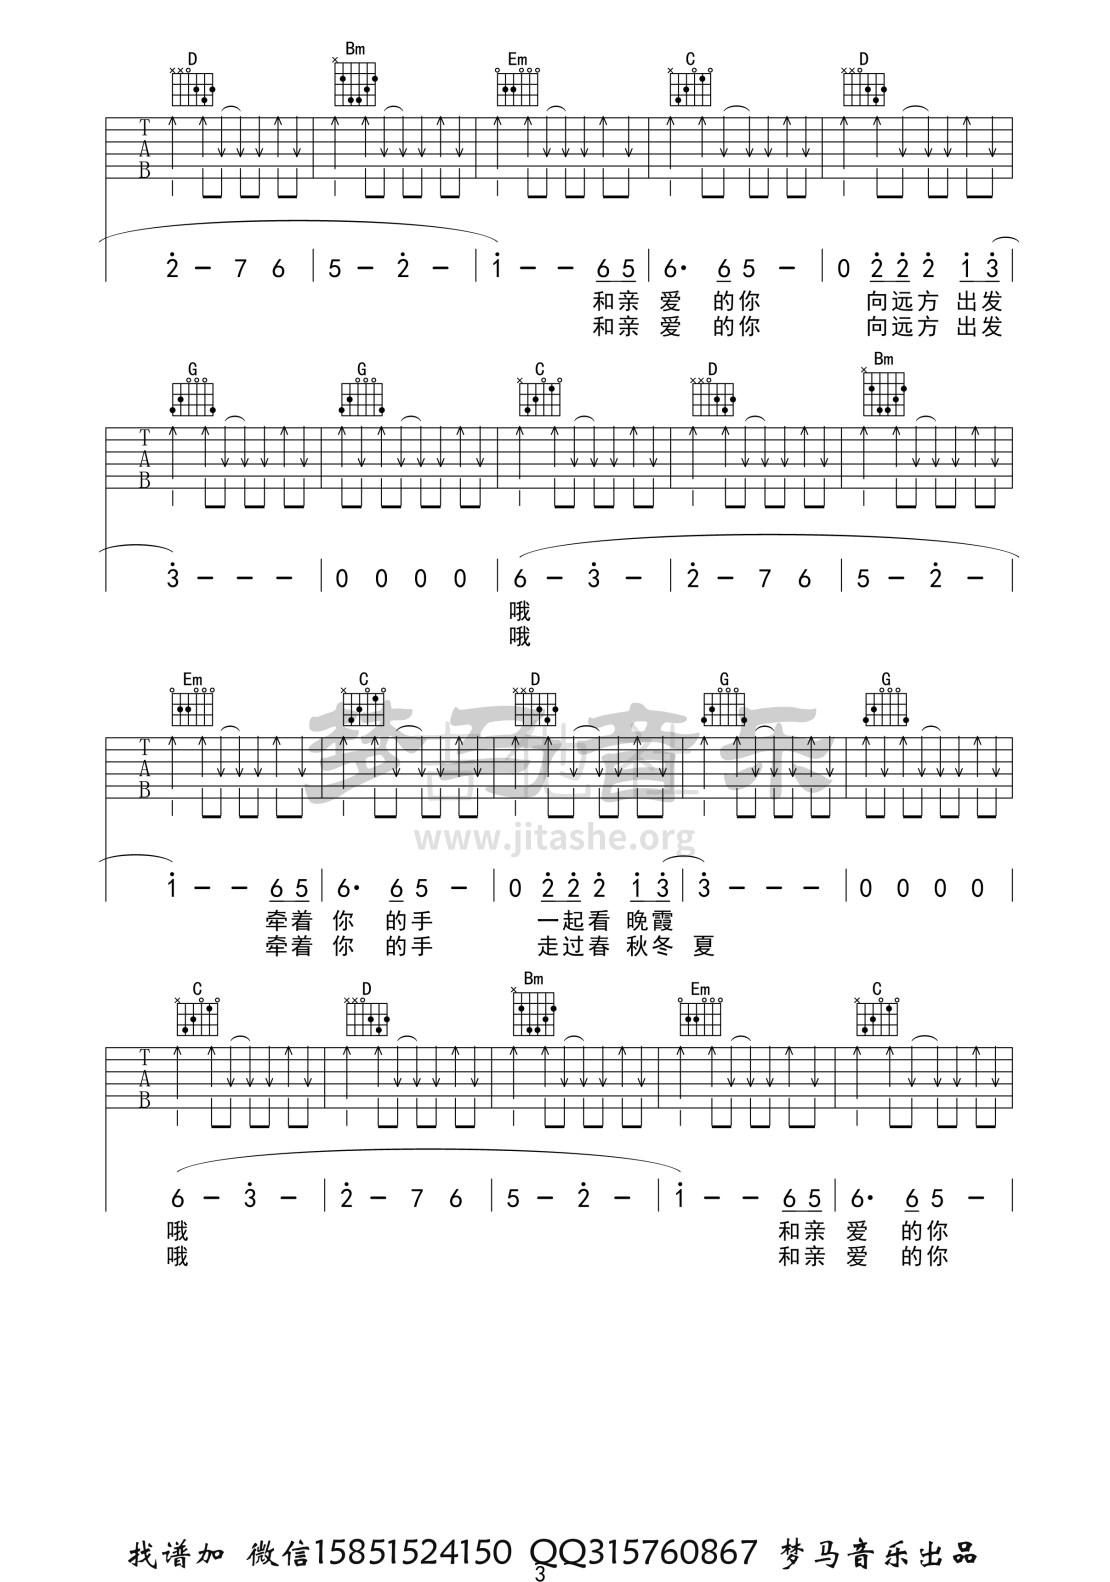 人的一生总有幸福的时刻吉他谱(图片谱)_张闯_人的一生总有幸福的时刻-3.jpg